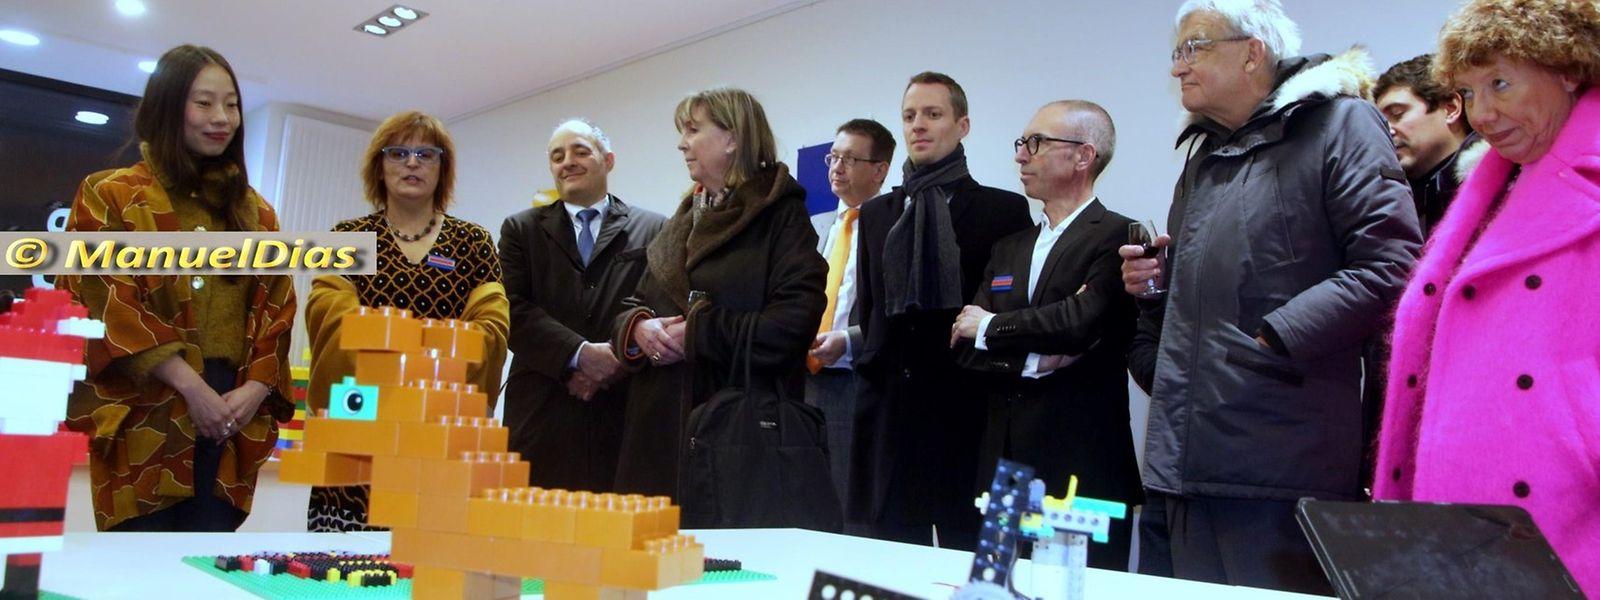 Lydie Polfer, bourgmestre de Luxembourg (4e à partir de la g.) et le premier échevin Serge Wilmes (écharpe autour du cou) lors de l'inauguration du magasin «Bricks4Kidz» lundi soir